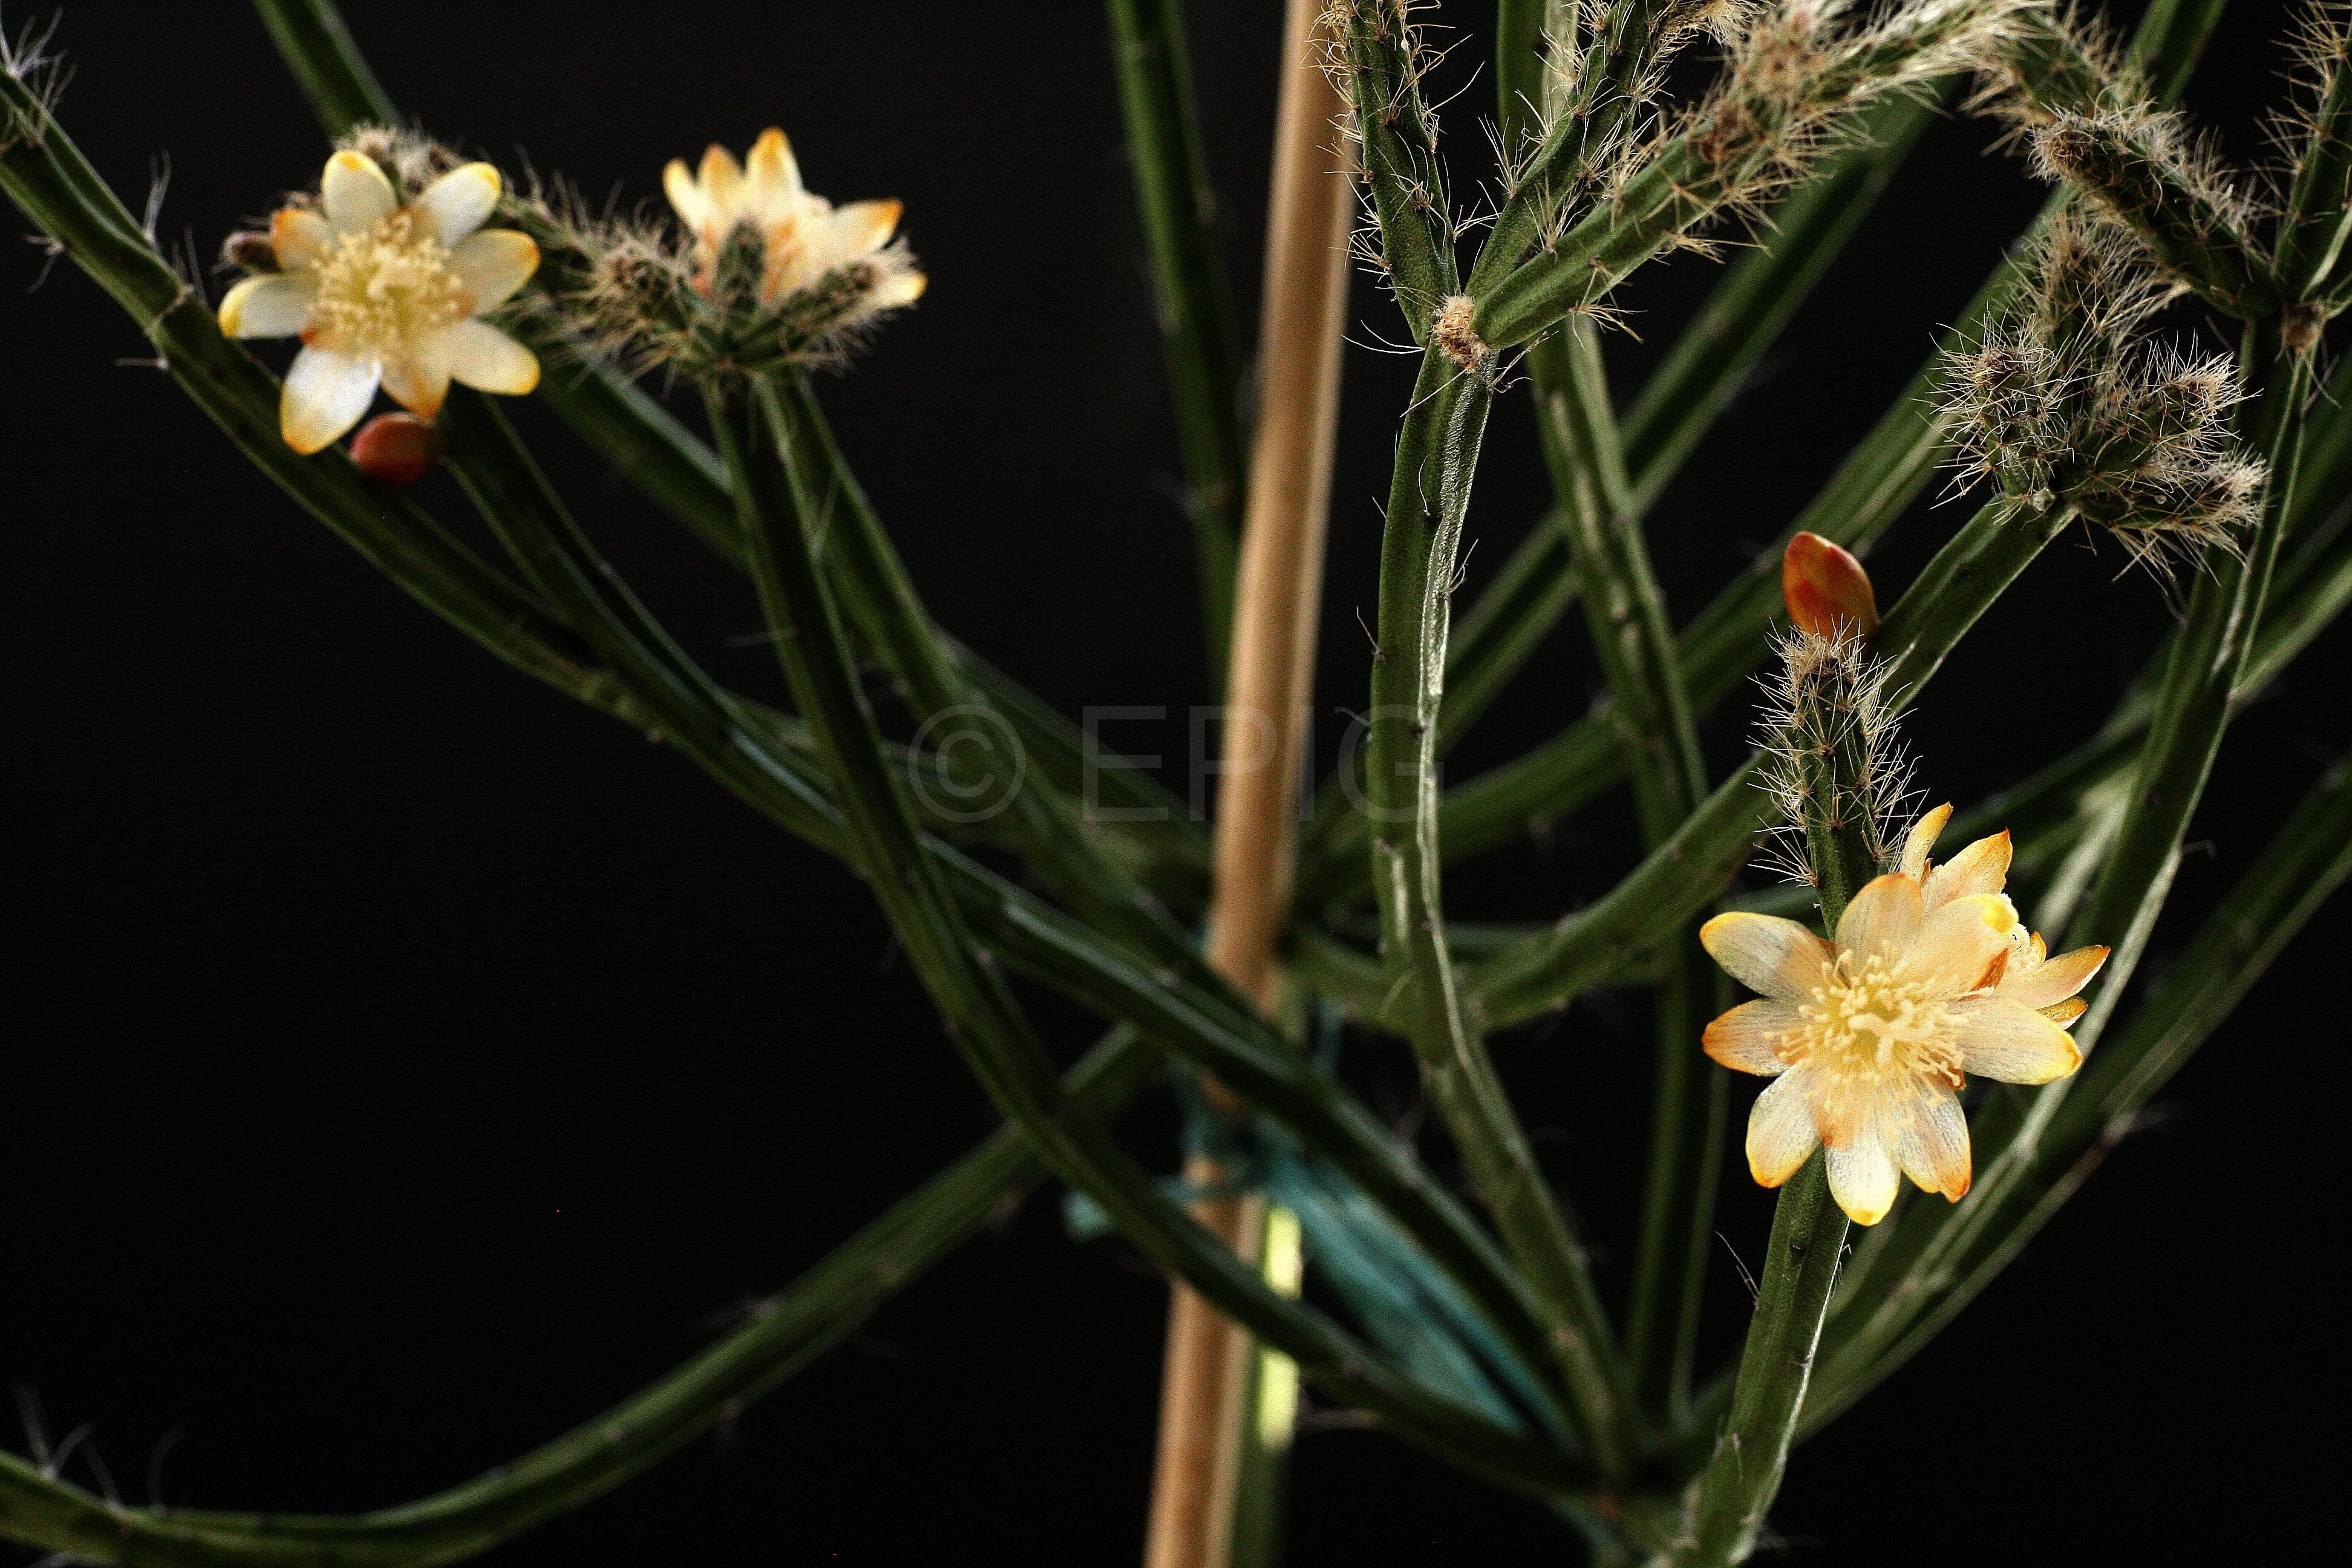 Rhipsalis spinescens (Foto Jochen Bockemühl)